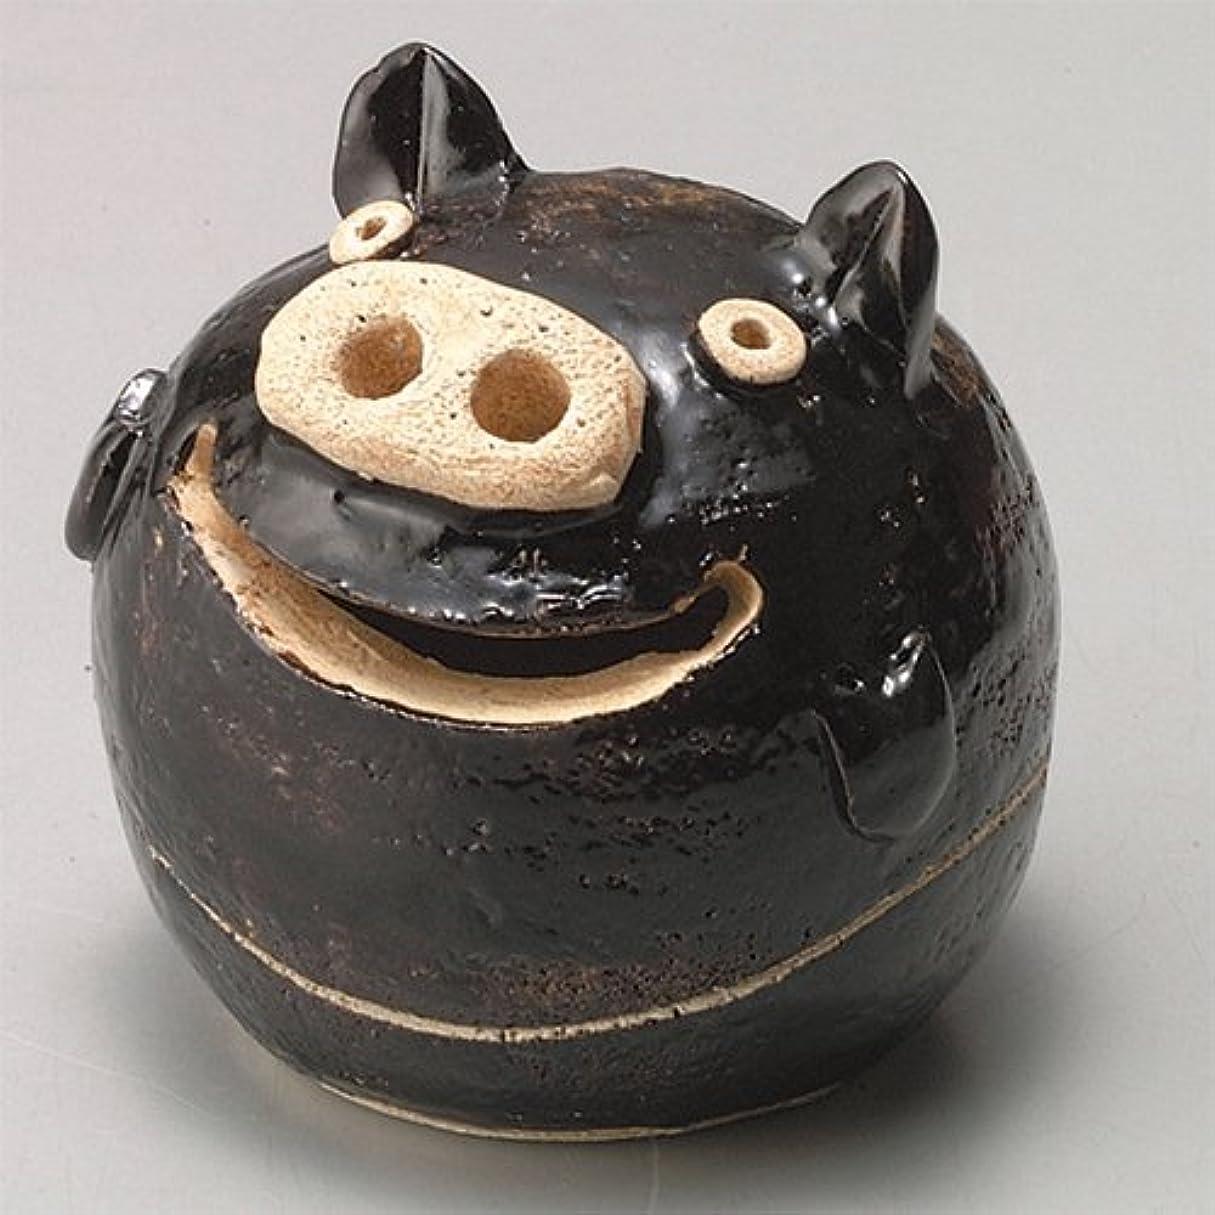 チャンピオンシップ肥満充実香炉 ぶた君 香炉(黒) [H9cm] HANDMADE プレゼント ギフト 和食器 かわいい インテリア